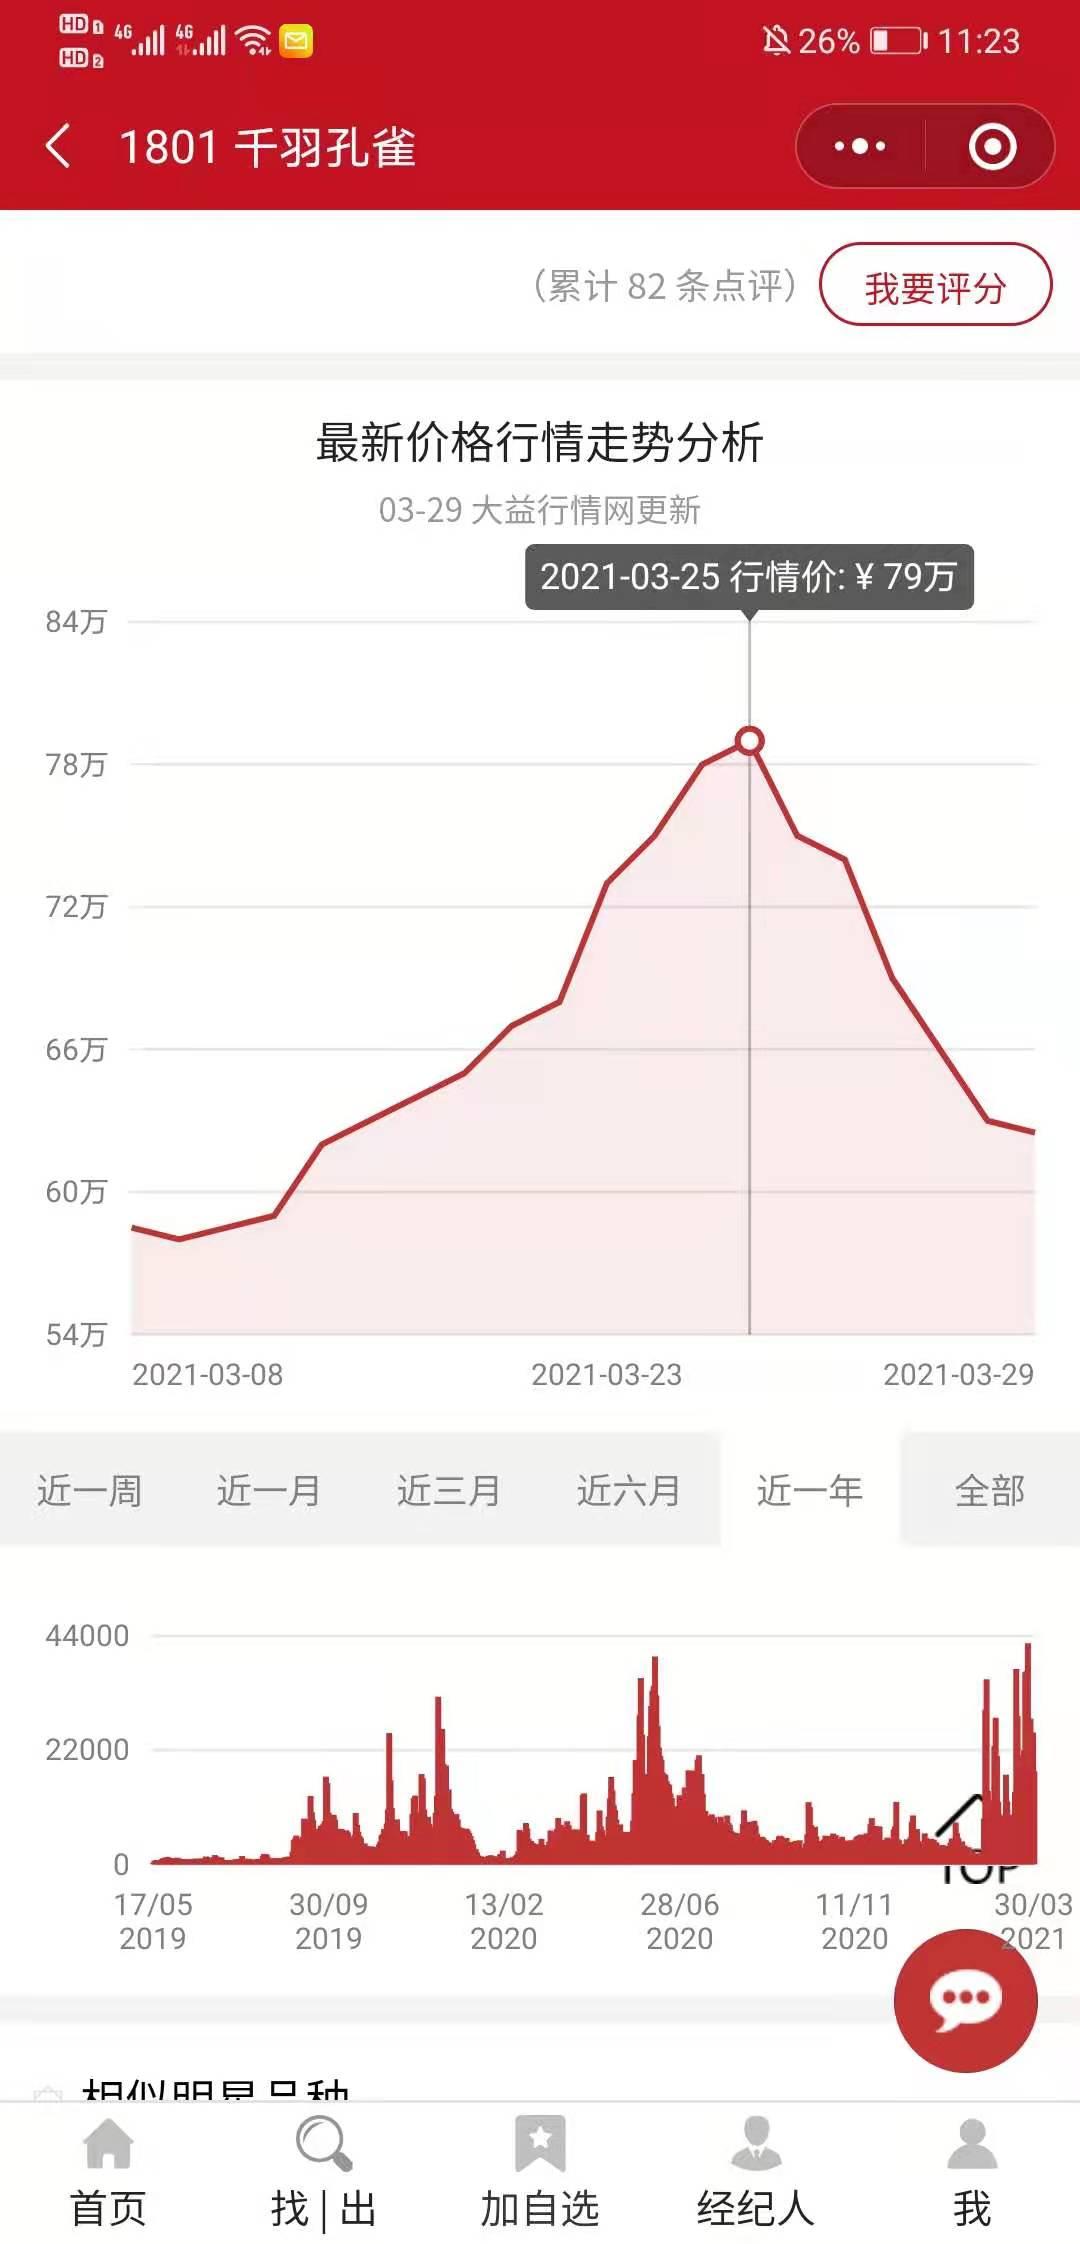 6500万天价大益茶背后狂欢与泡沫:三年换房or一夜破产?